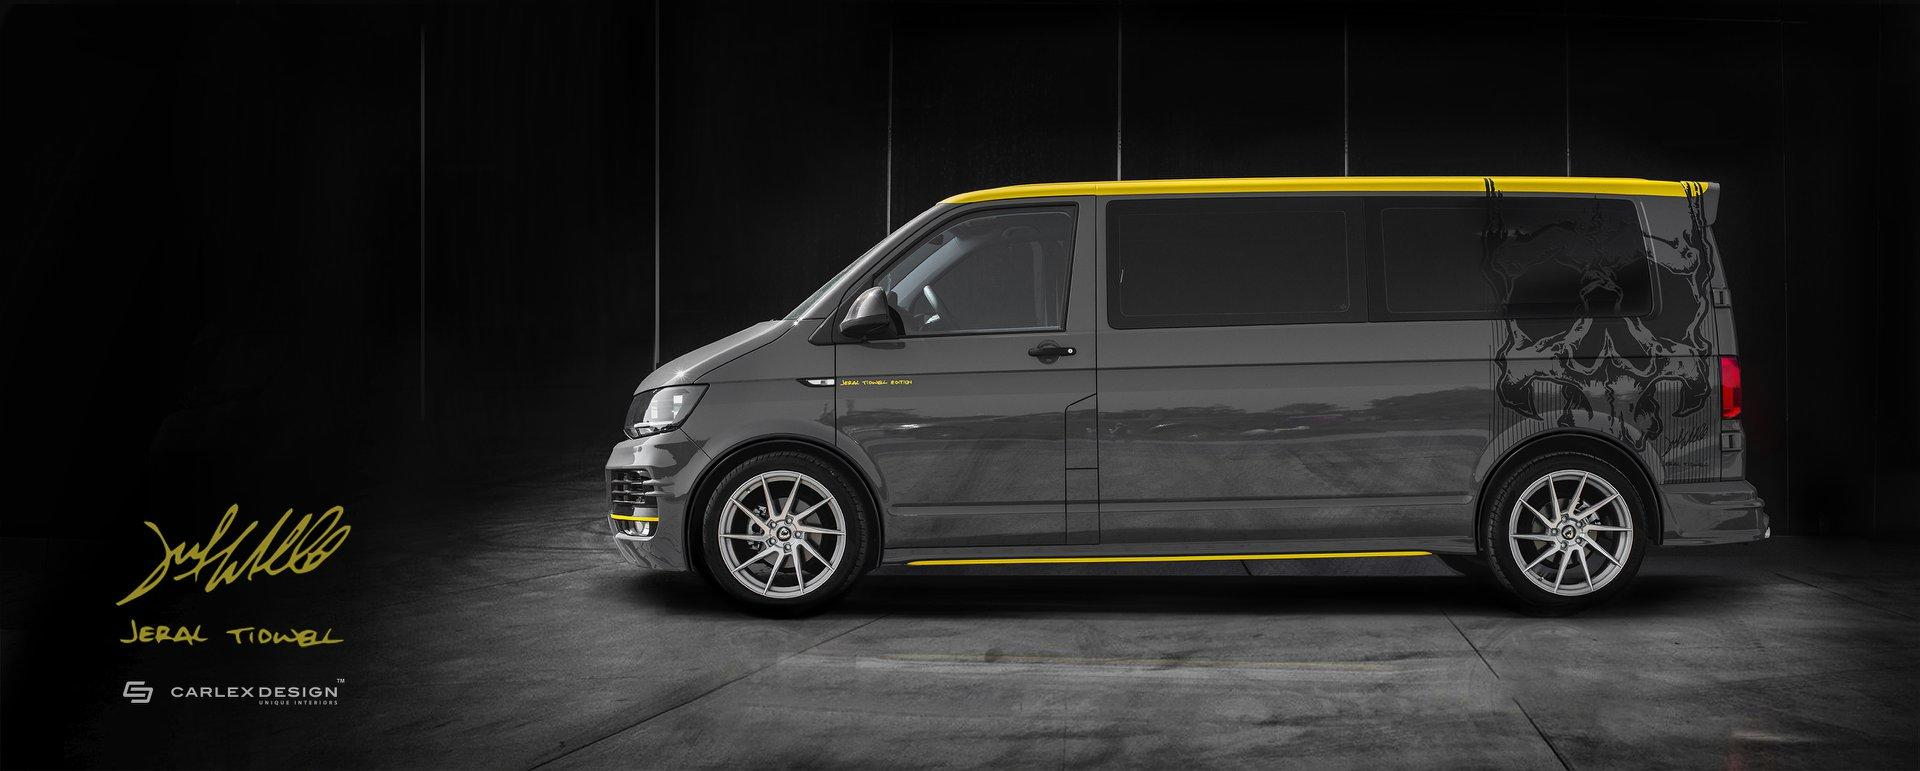 Volkswagen T6 by Carlex Design - Volkswagen T6 by Carlex Design